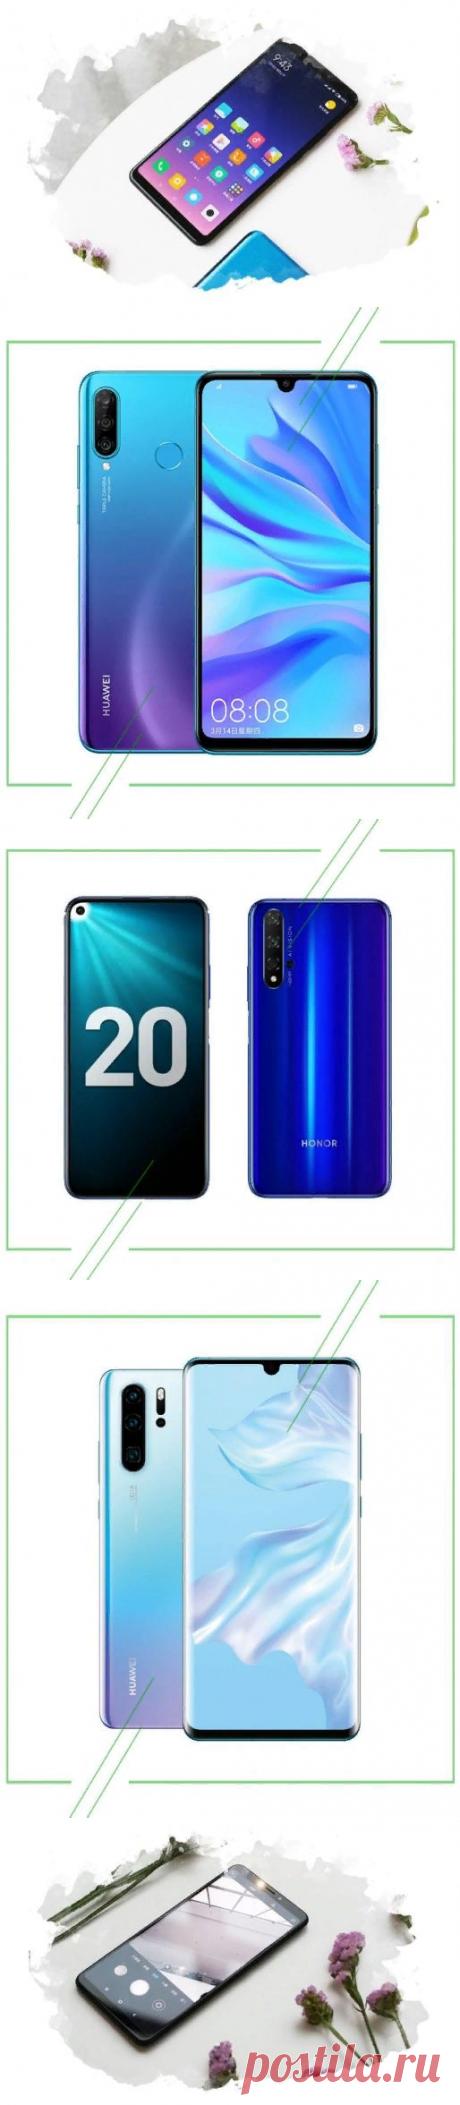 ТОП-7 лучших китайских смартфонов 2019 года